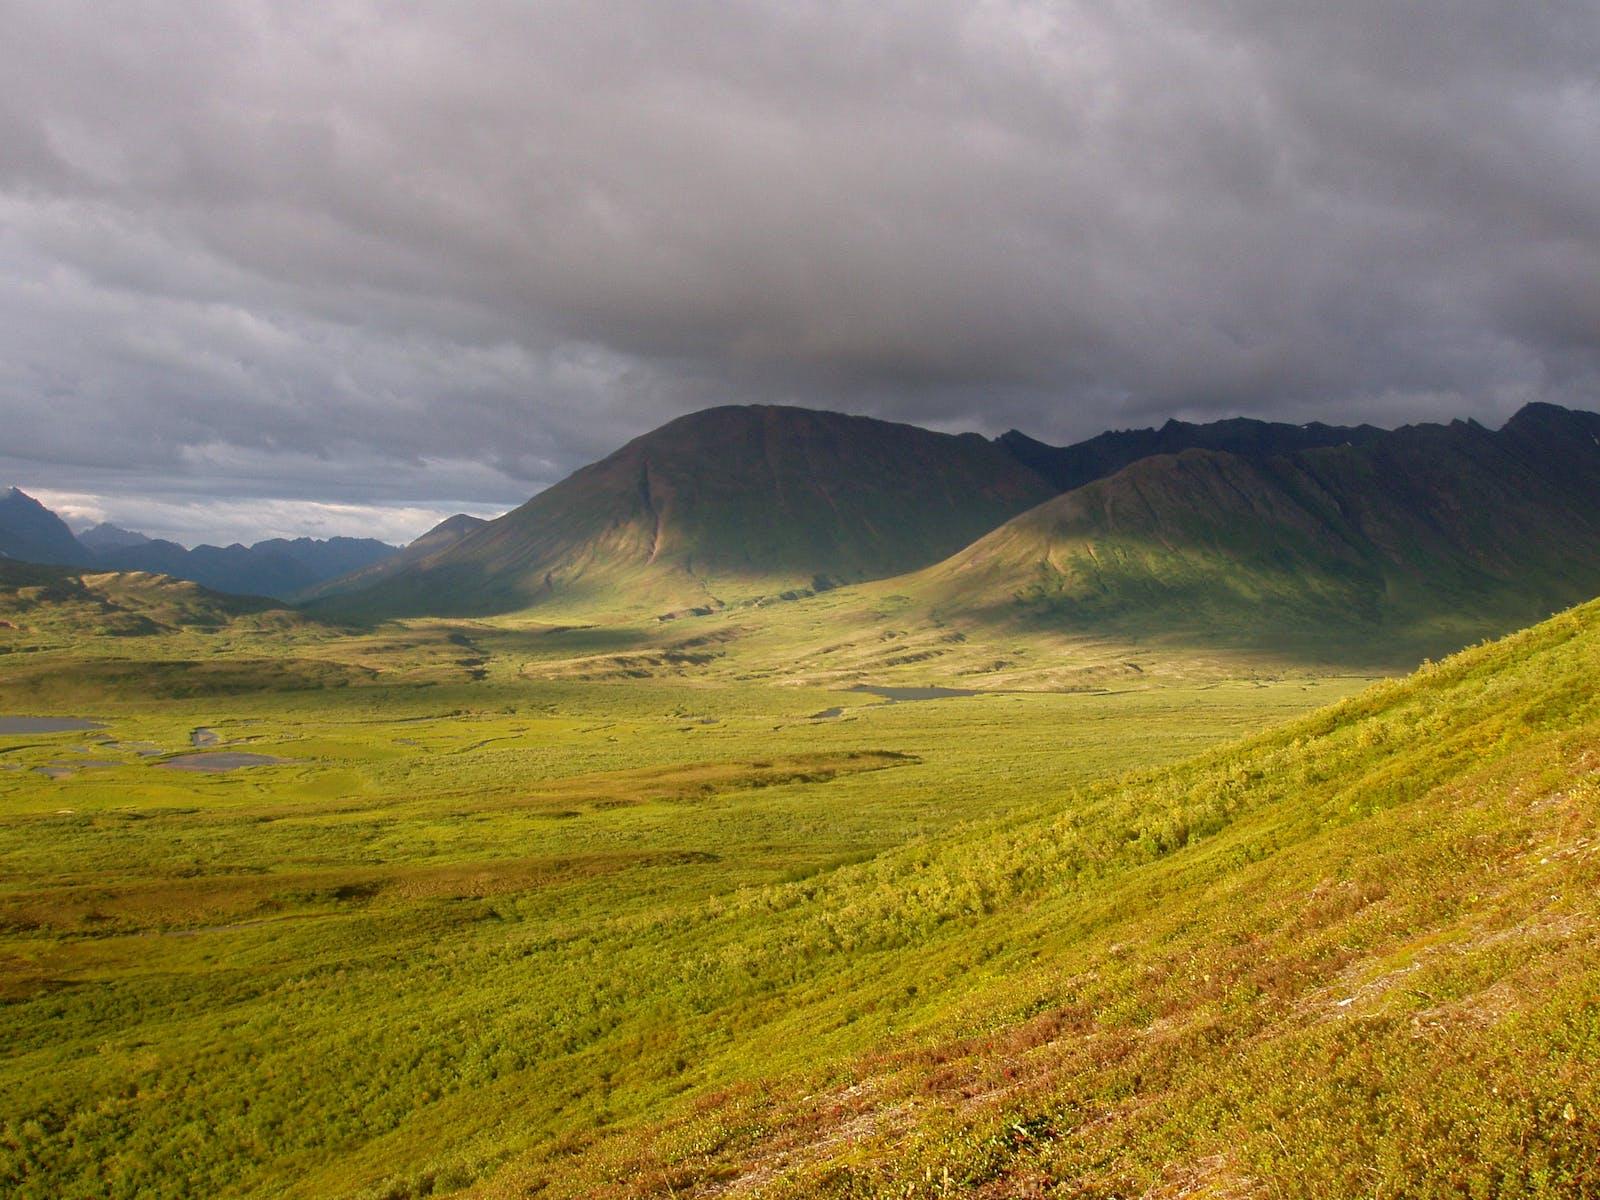 Ahklun and Kilbuck Upland Tundra